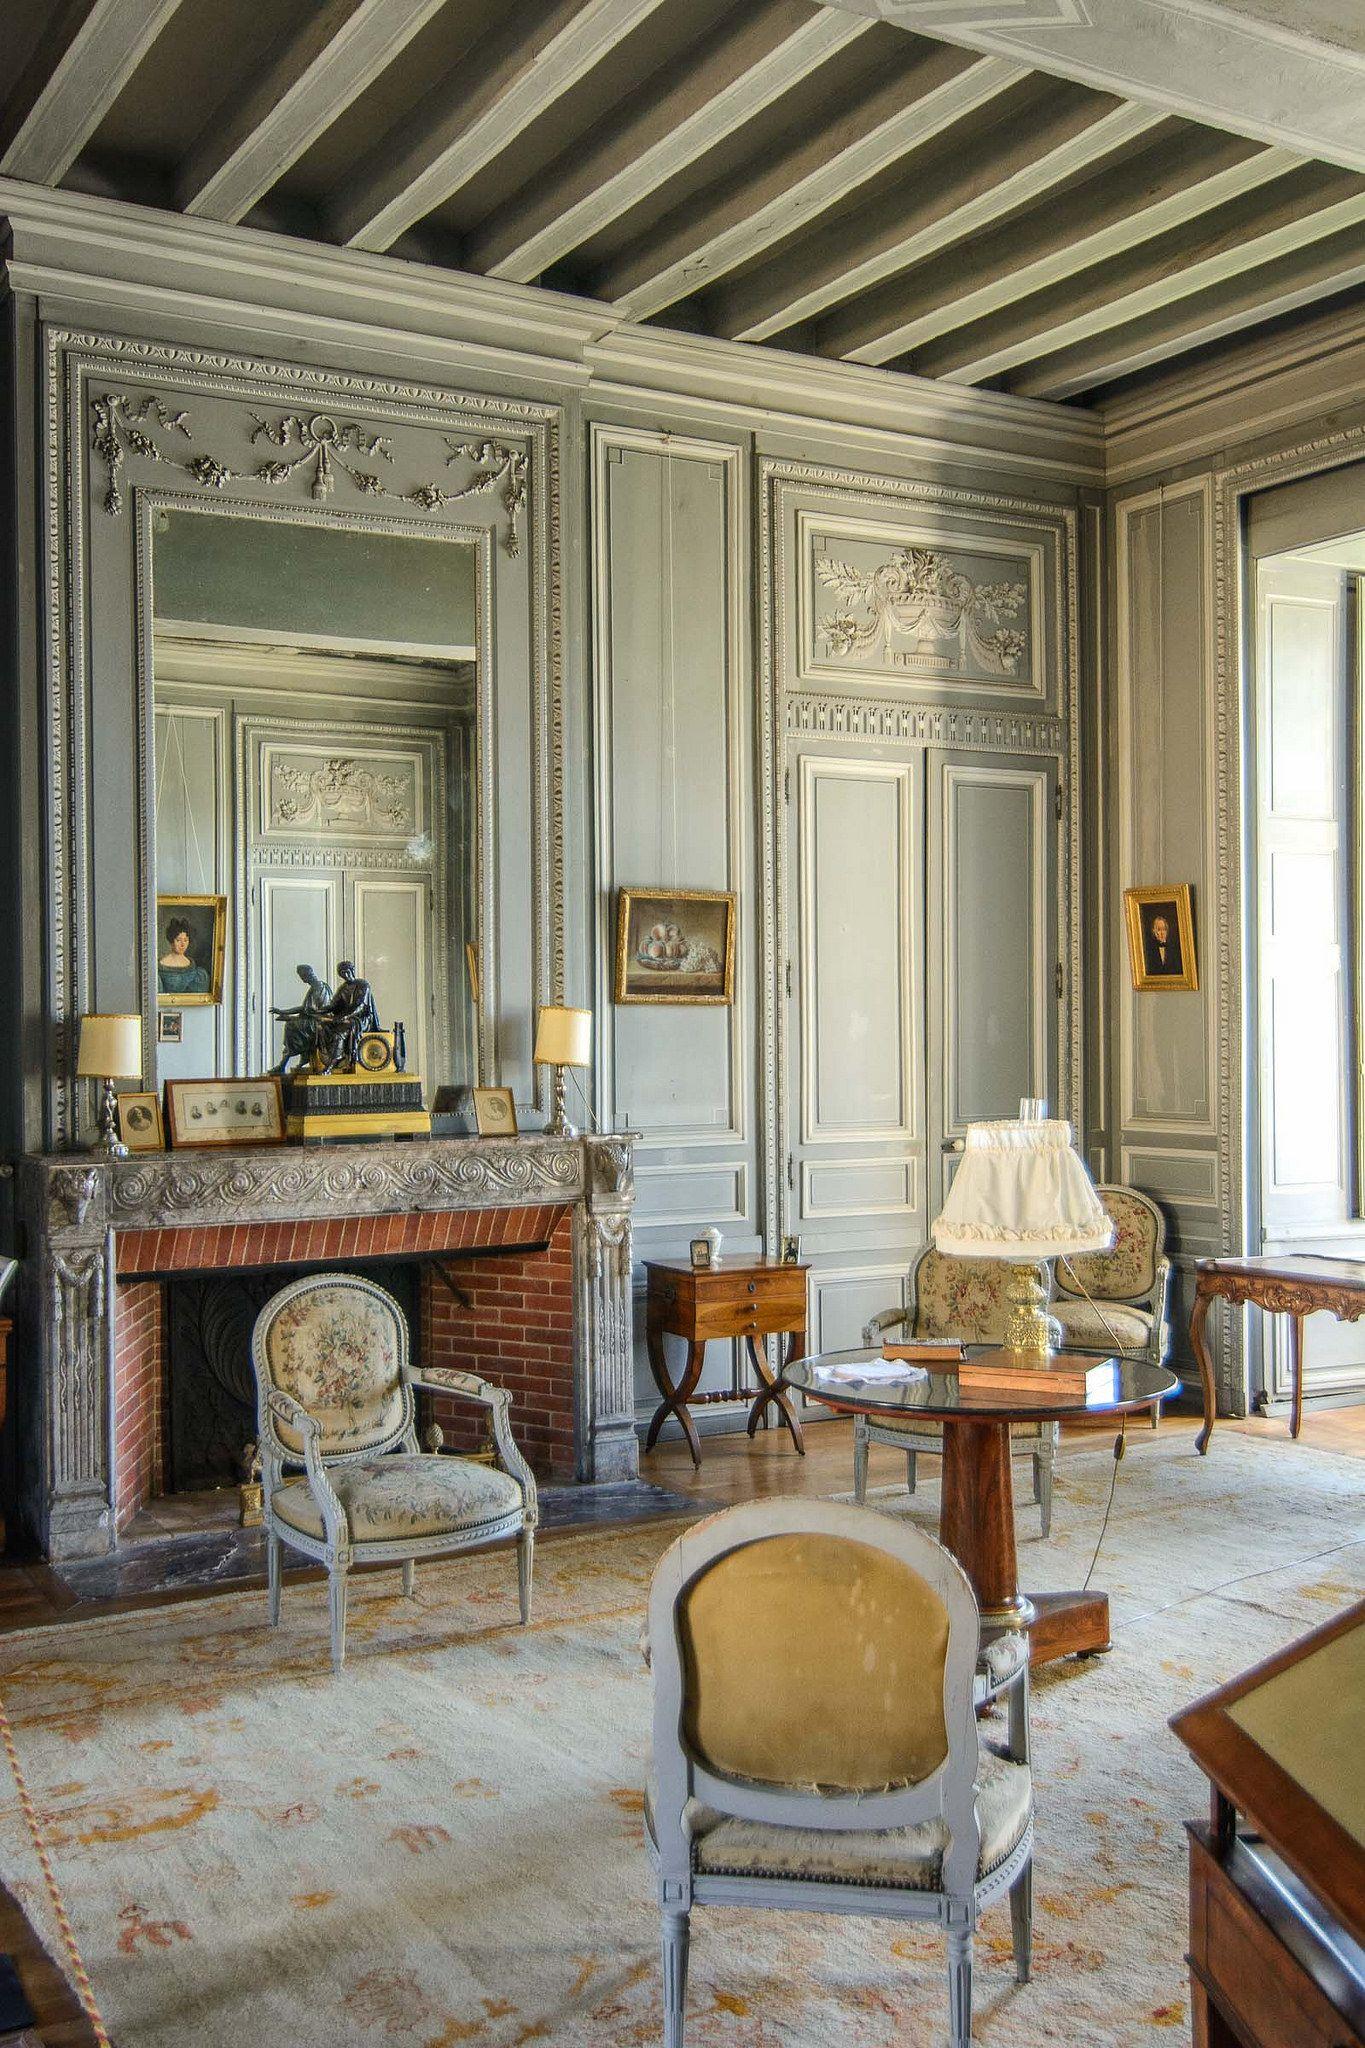 2017 08 14 chateau du plessis bourr 17 french decorating rh pinterest com